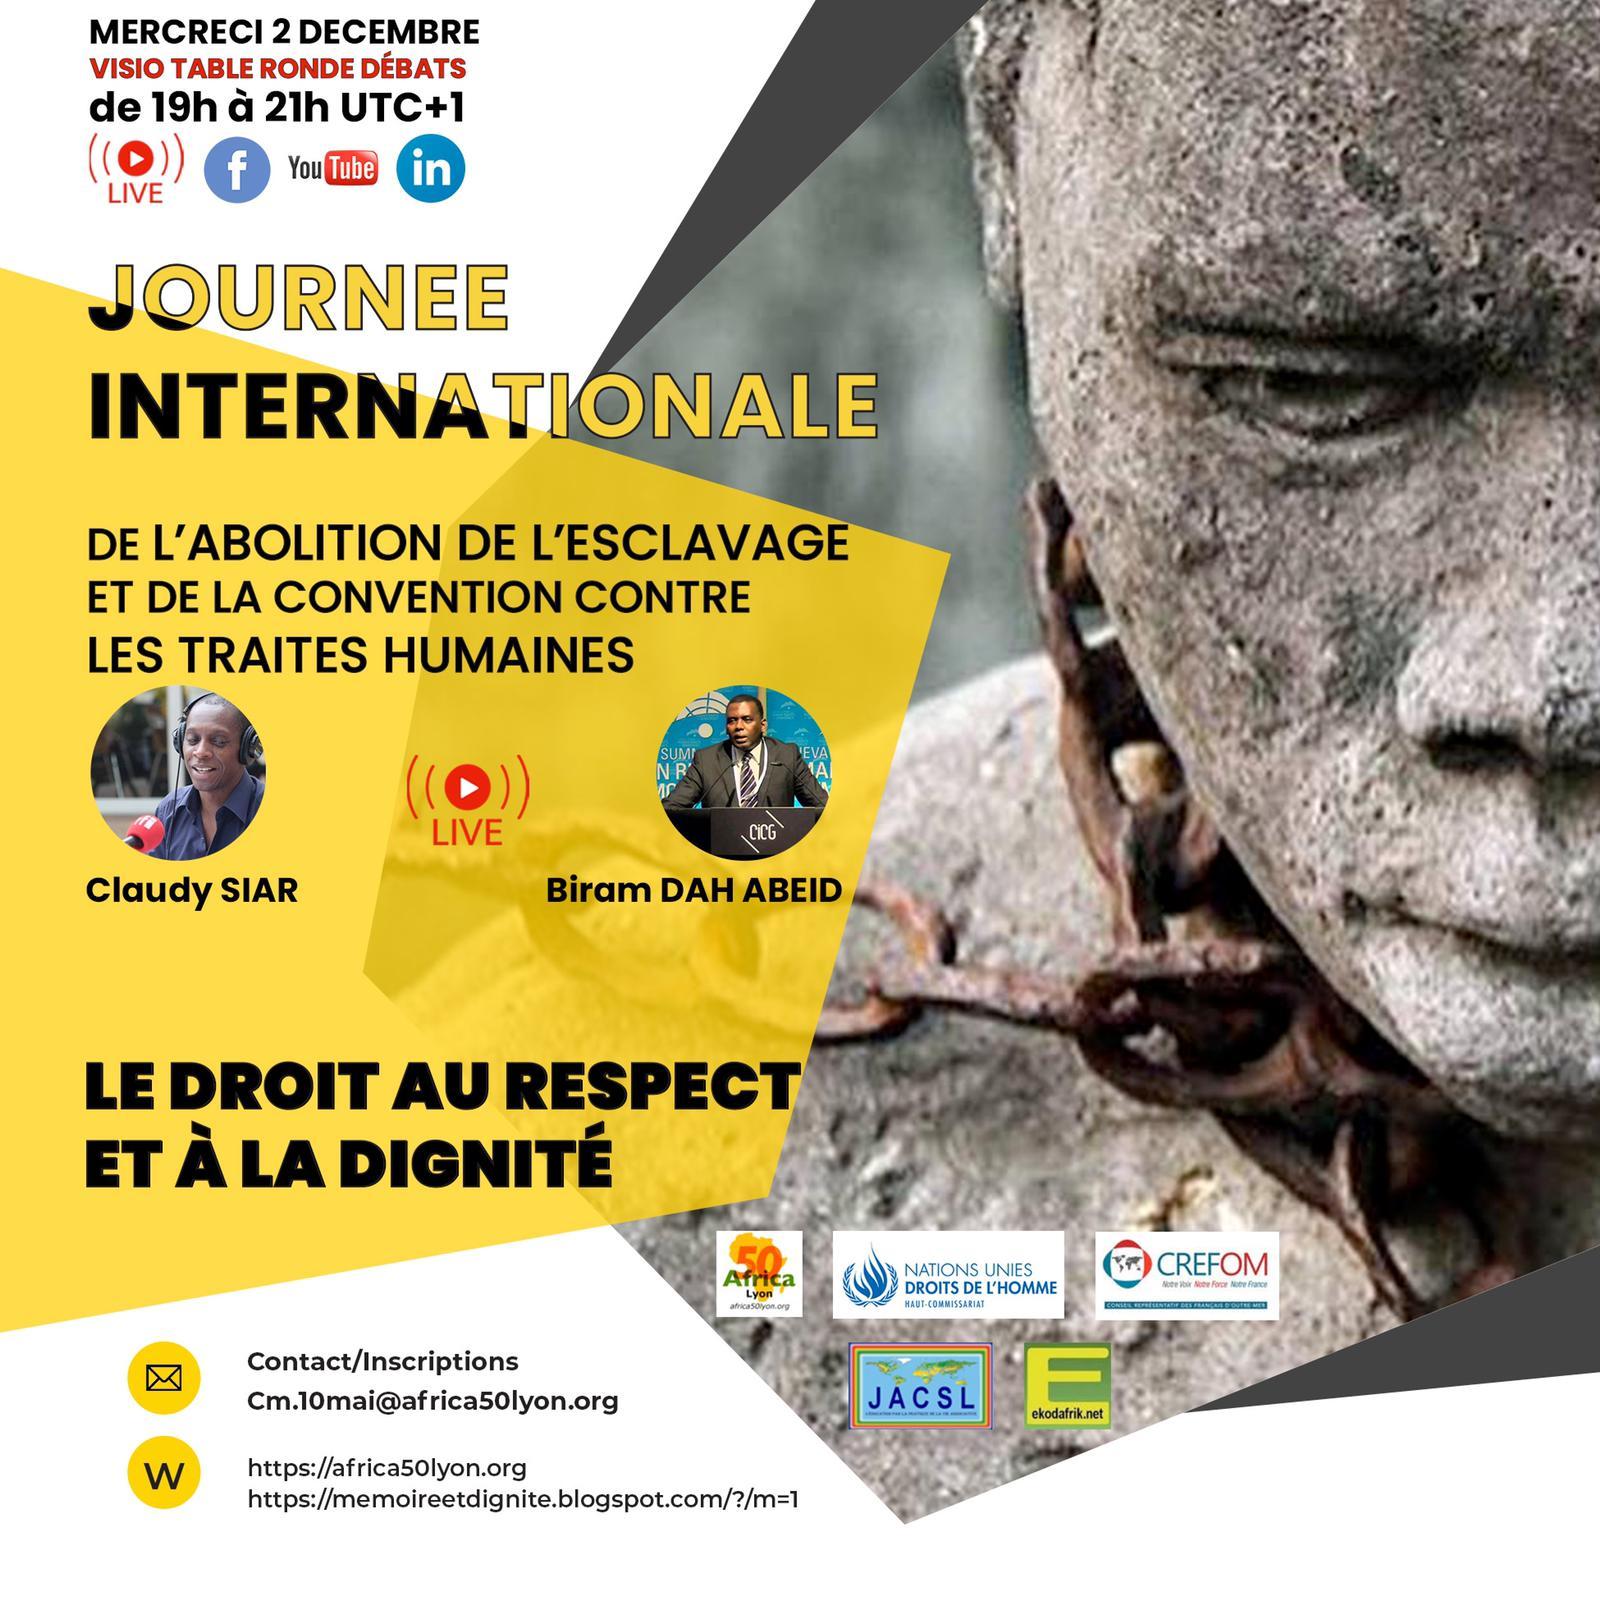 [ESCLAVAGE] Visio-Conférence «Le Droit au Respect et à la Dignité» avec Biram Dah ABEID, Claudy SIAR, Jean-Eric SENDE, Josée MOUDILOU, Louis ESSEM, Dora SENDE et Loukman LANIGNAN le 2 décembre 2020